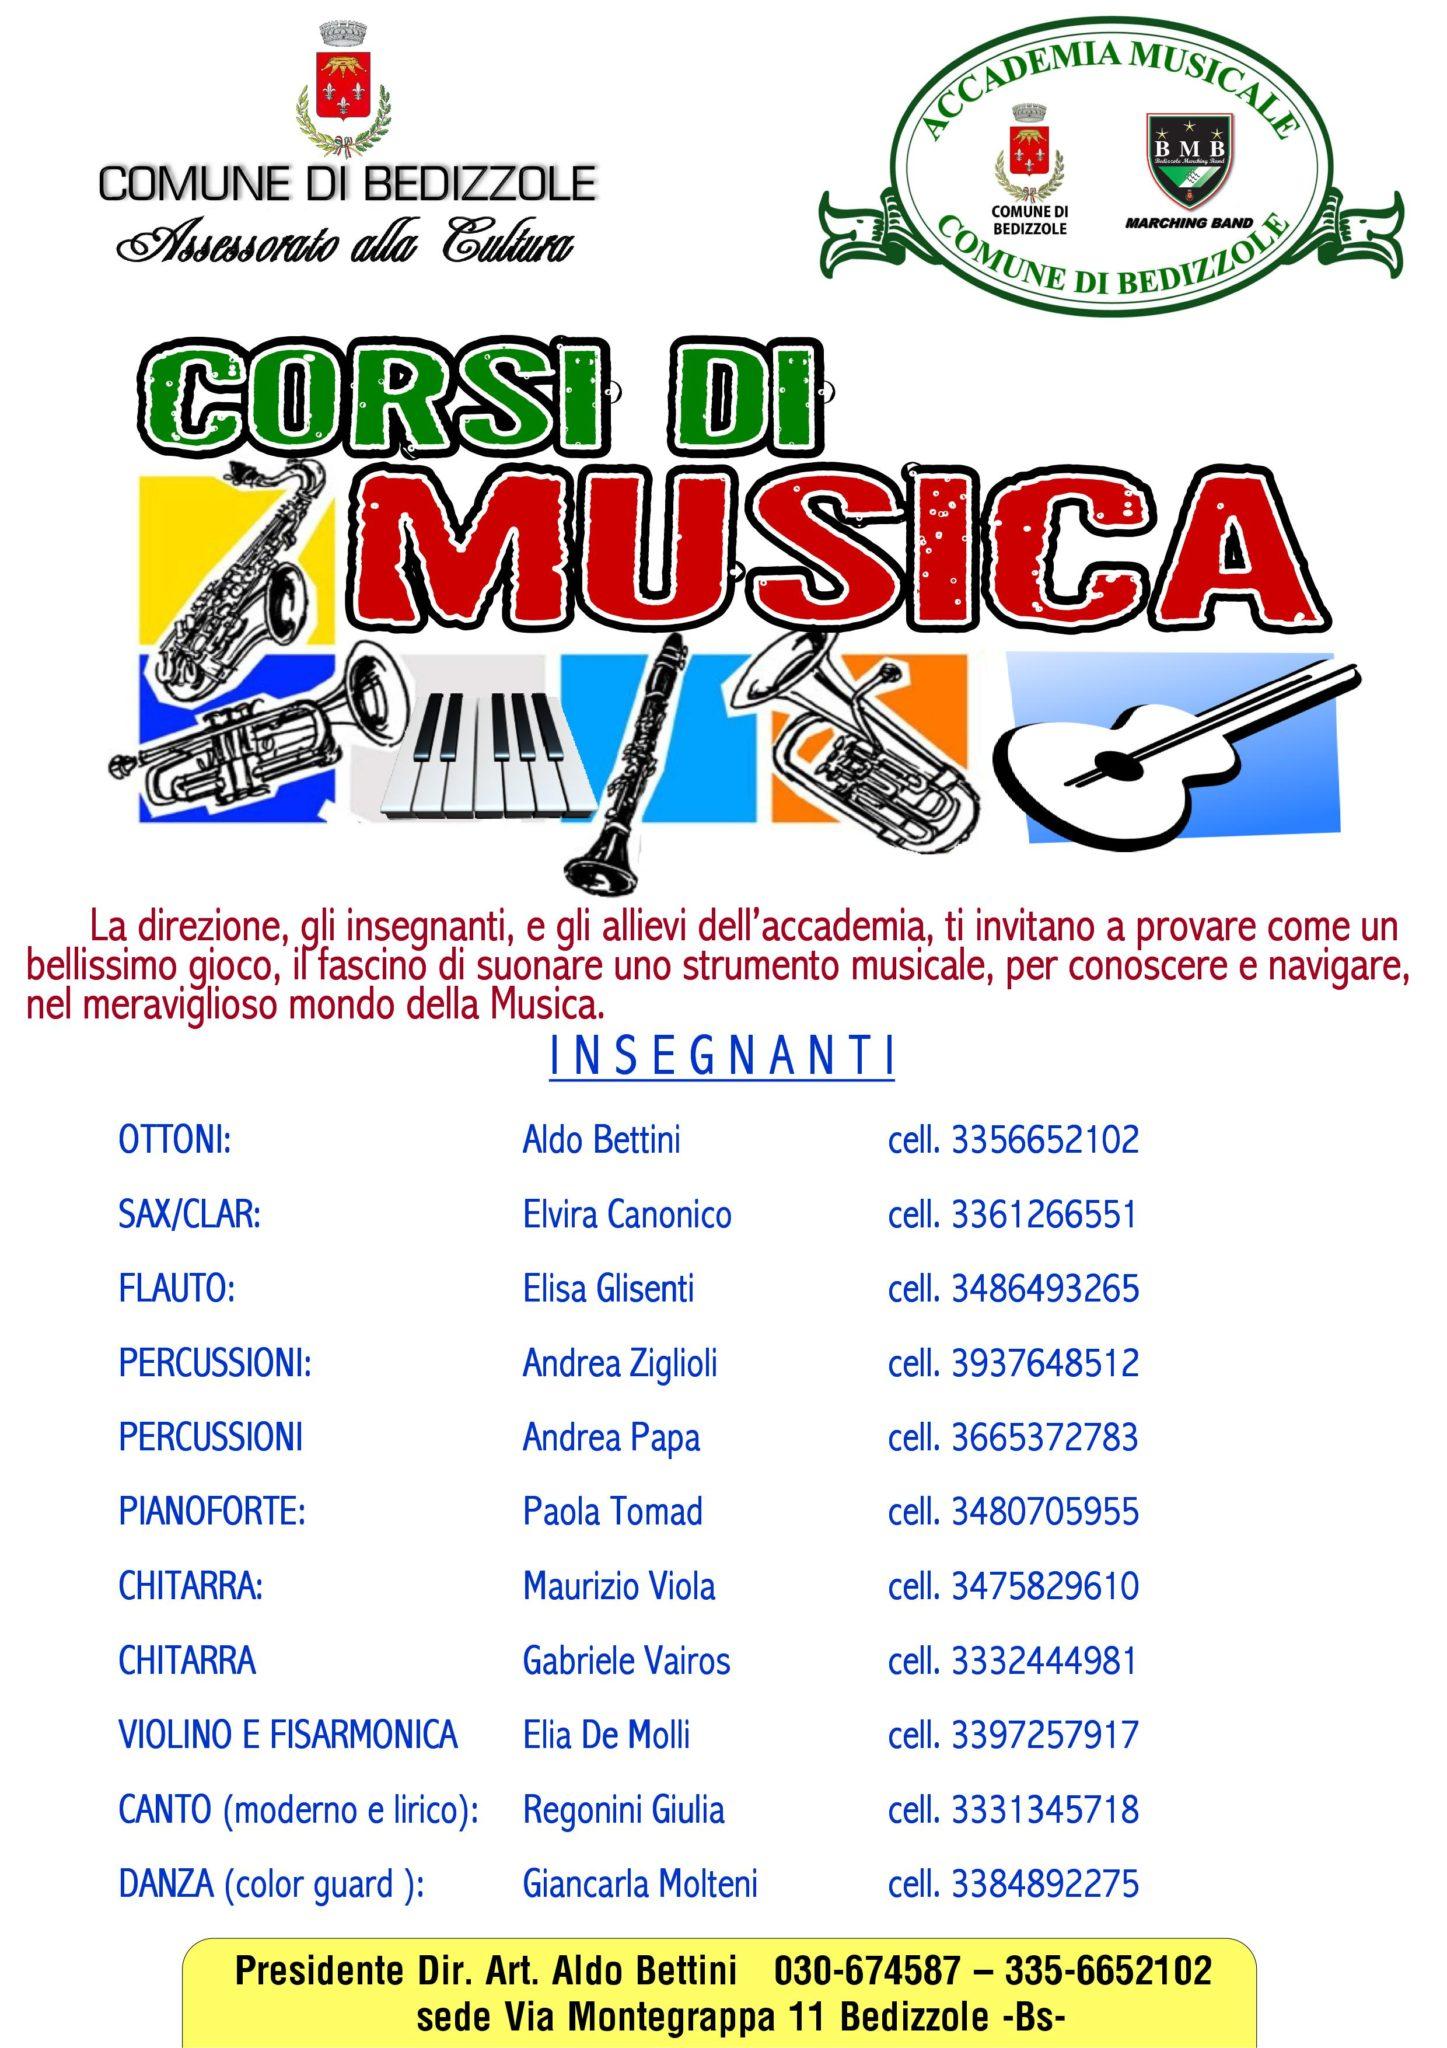 Corsi Accademia 2017/18